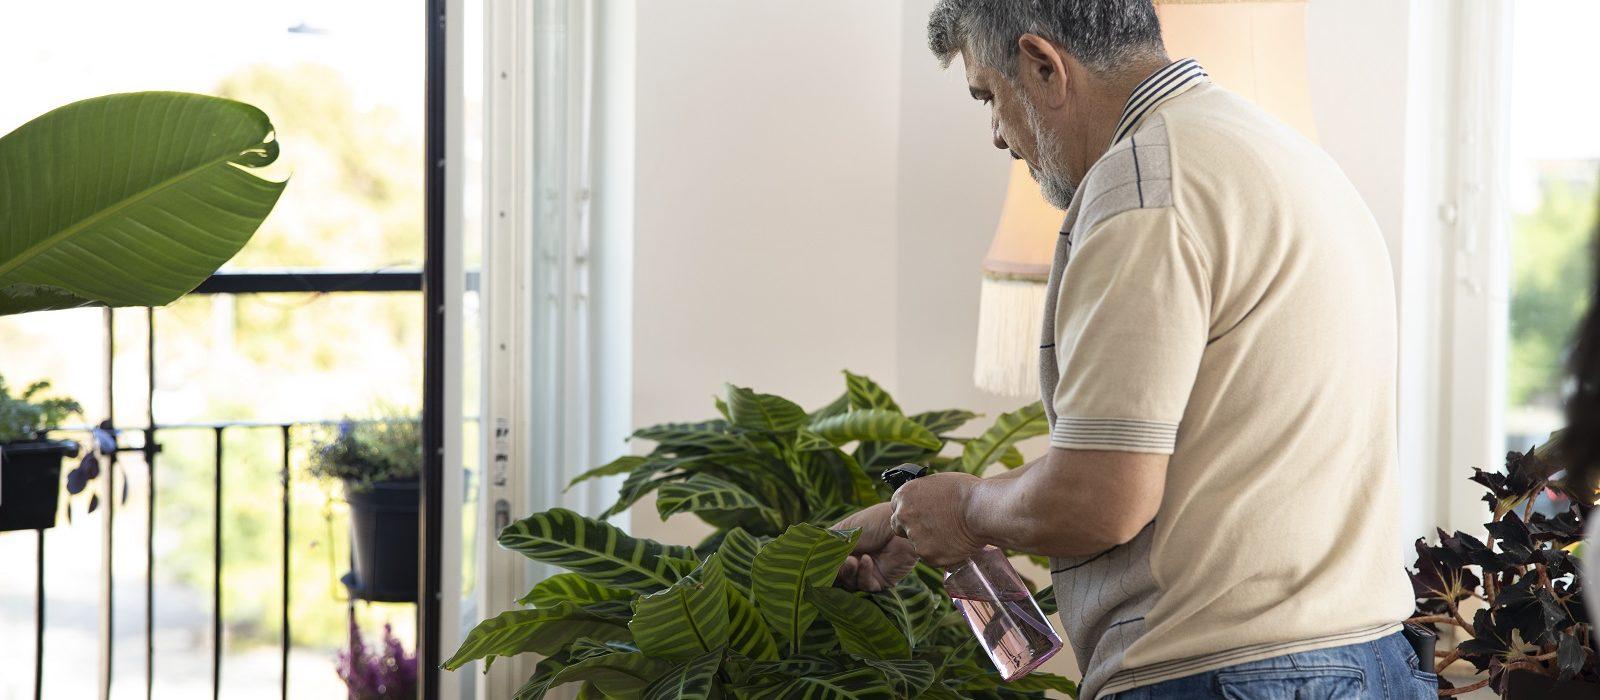 Lettstelte planter for deg uten grønne fingre